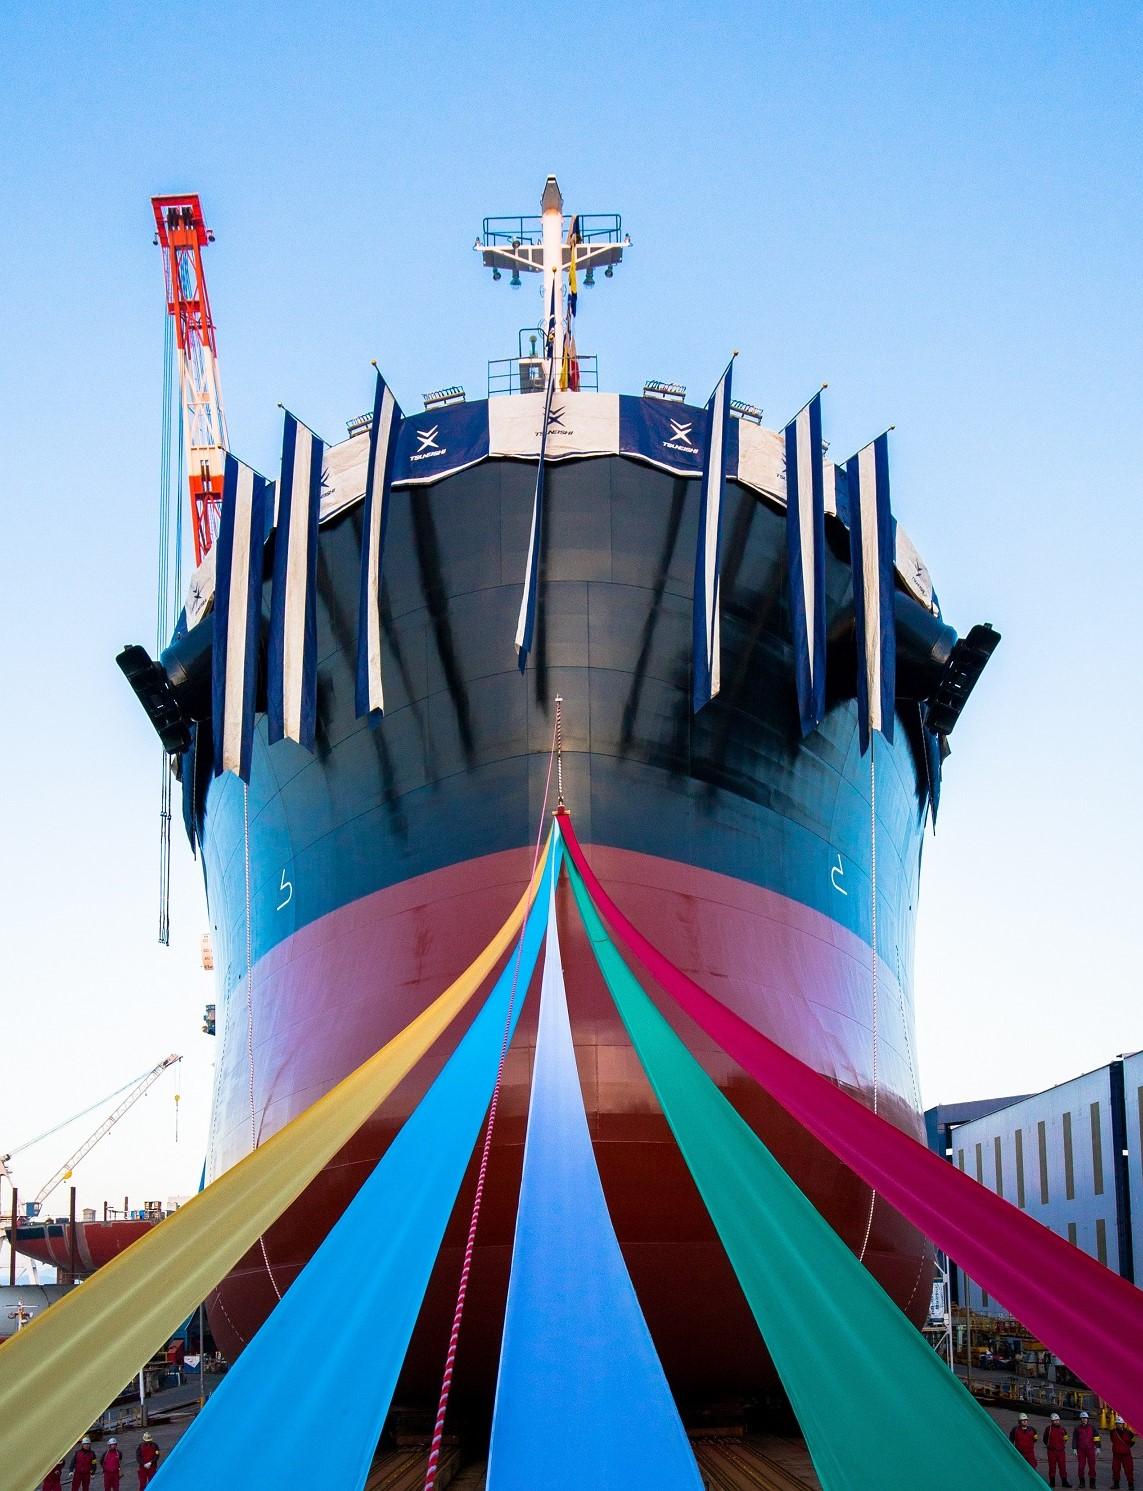 2017年11月17日、8万トン級バルカーの進水式をライブ中継〜常石造船 広島県福山市 常石工場 第一船台